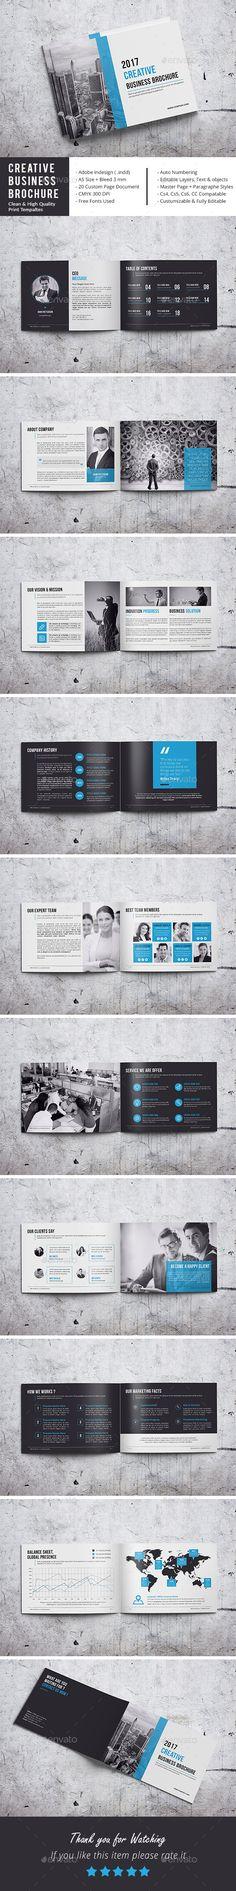 #Creative Business Brochure - Corporate #Brochures Download here: https://graphicriver.net/item/creative-business-brochure/18507664?ref=alena994